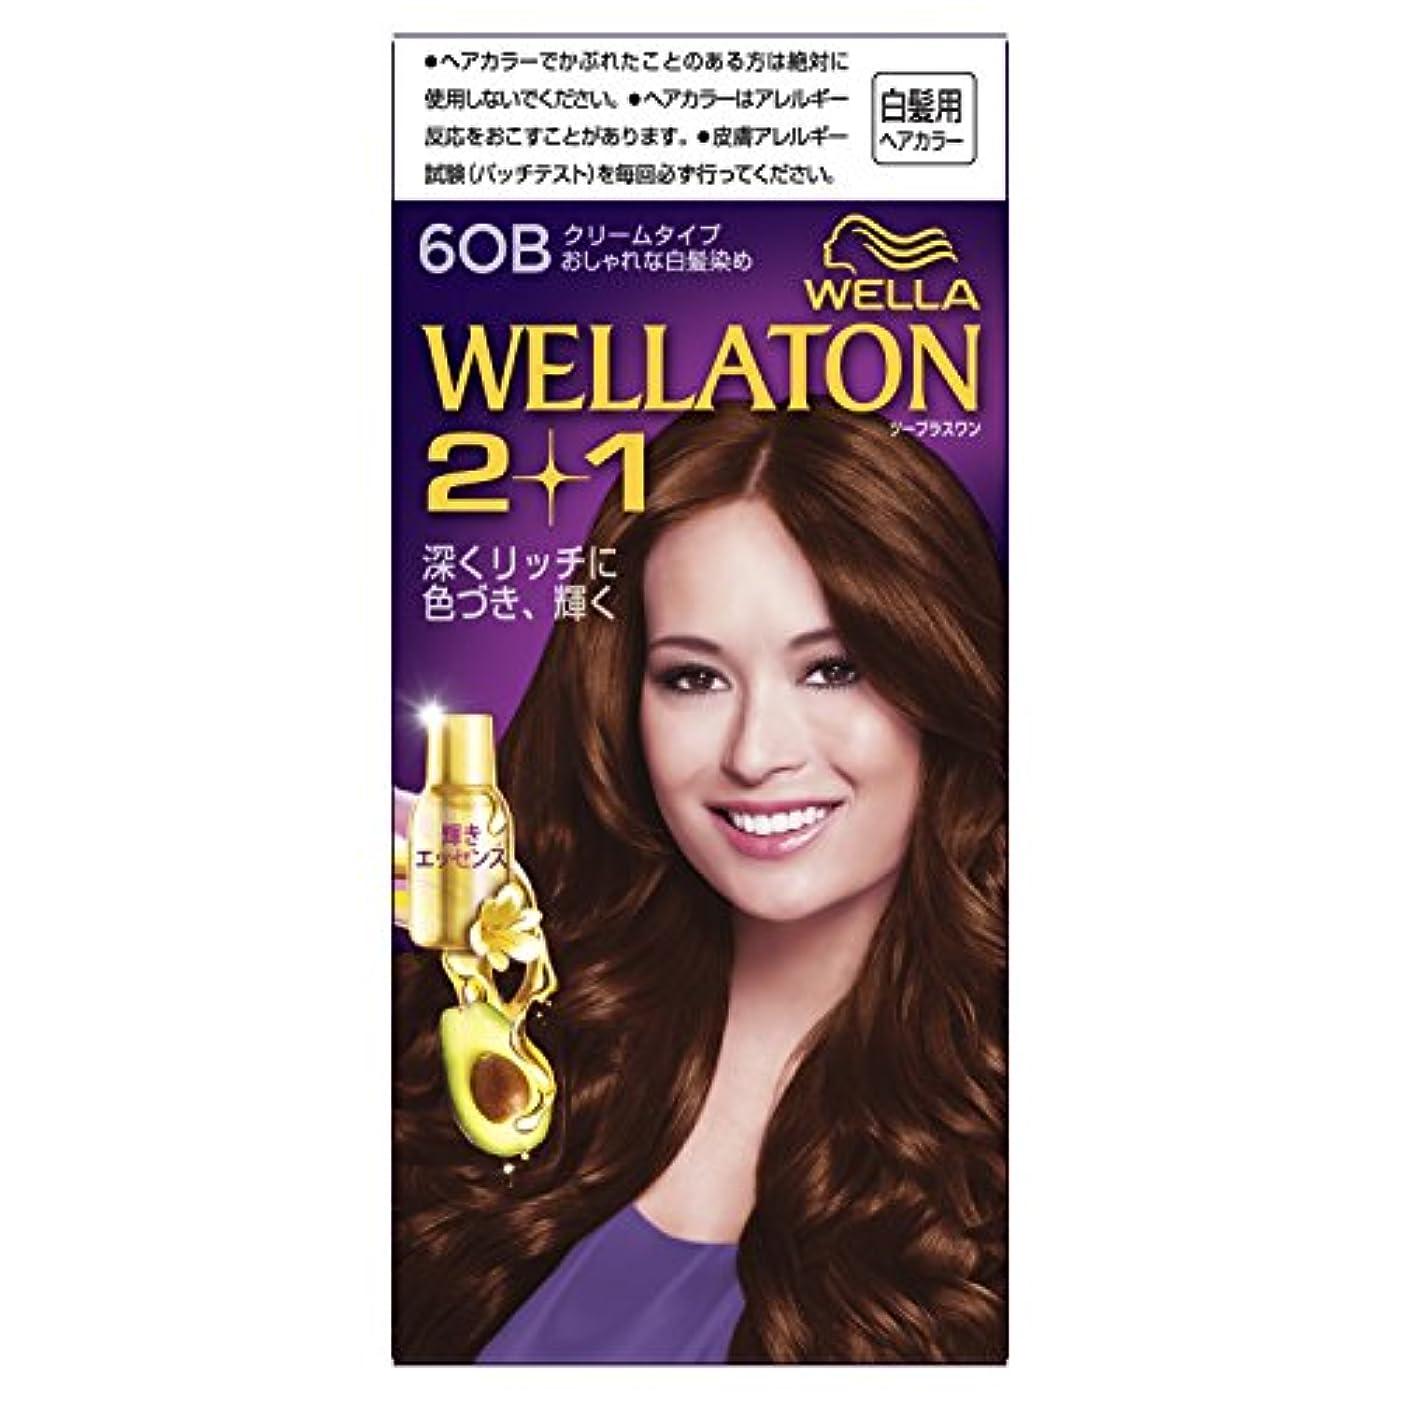 激しい素人却下するウエラトーン2+1 クリームタイプ 6OB [医薬部外品](おしゃれな白髪染め)